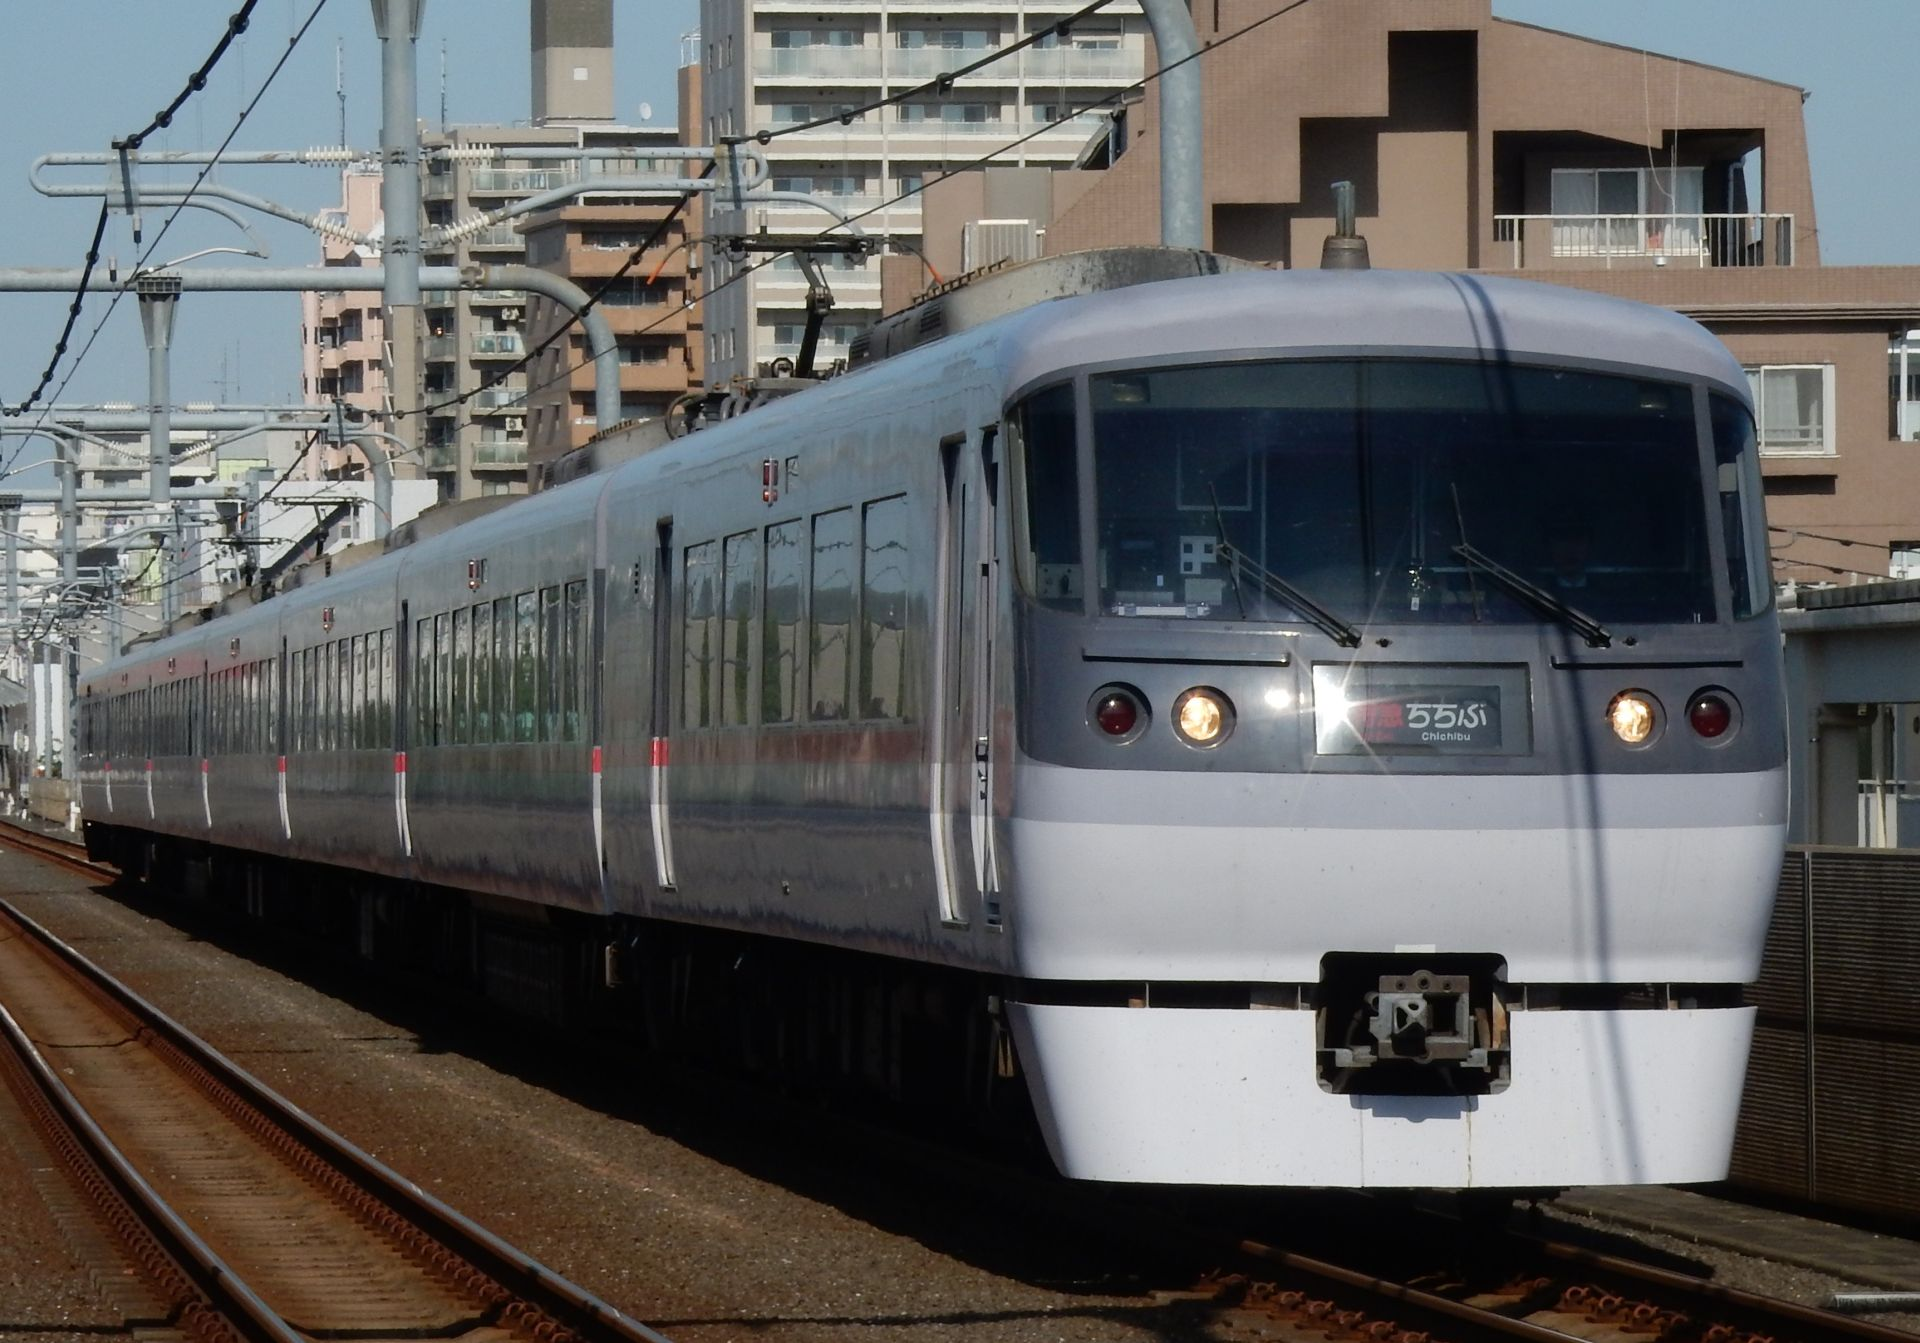 DSCN9072 - コピー